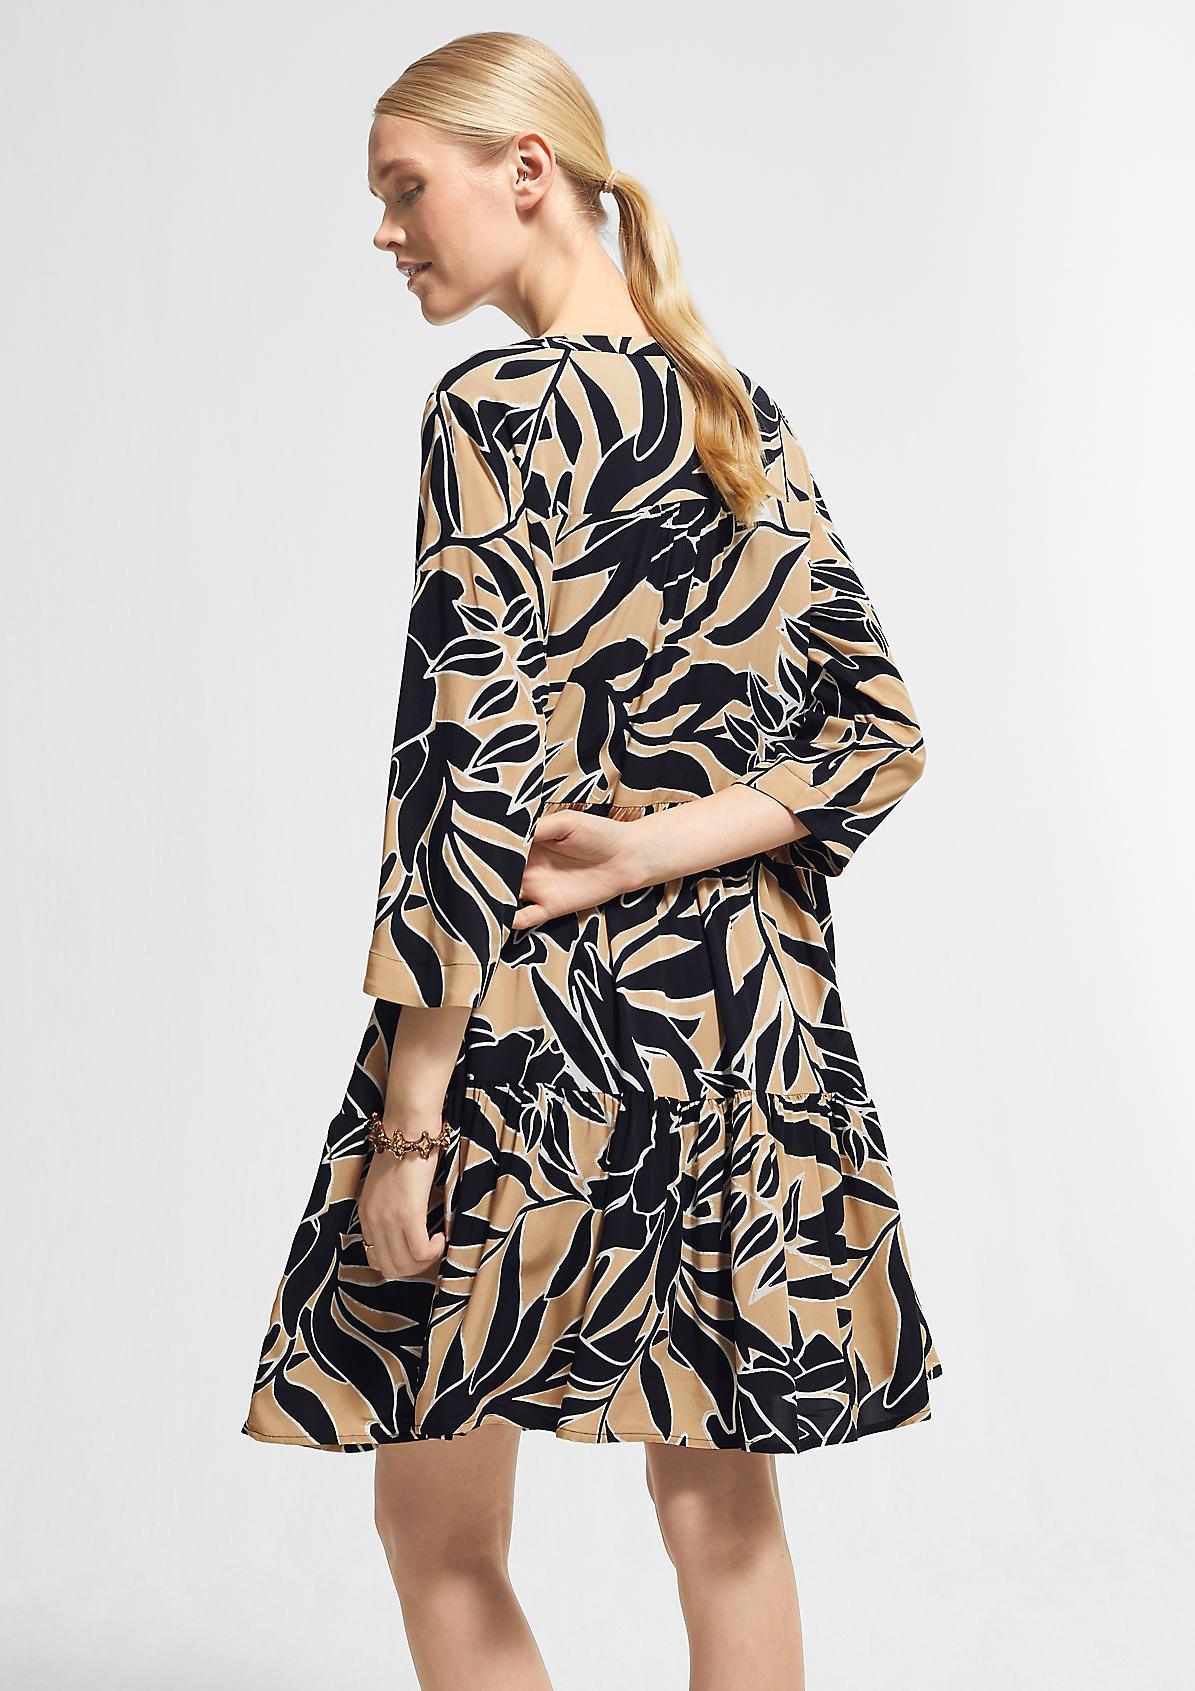 Stufenkleid mit Allover-Print